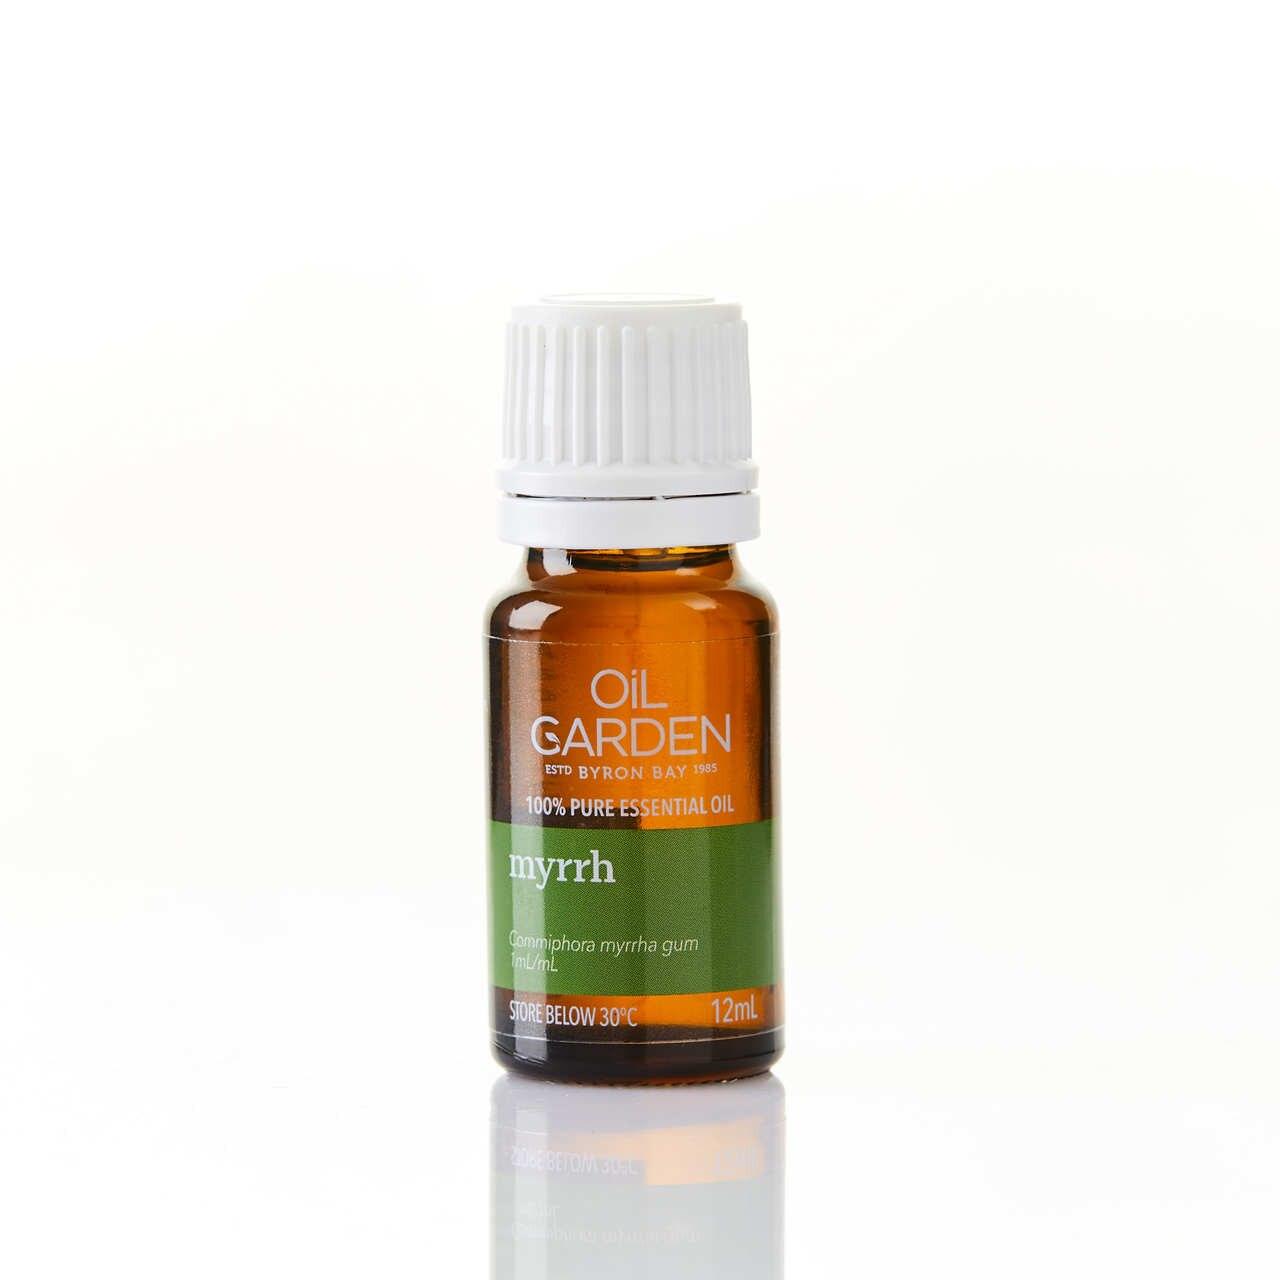 Oil Garden Myrrh Pure Essential Oil 12mL 6620047